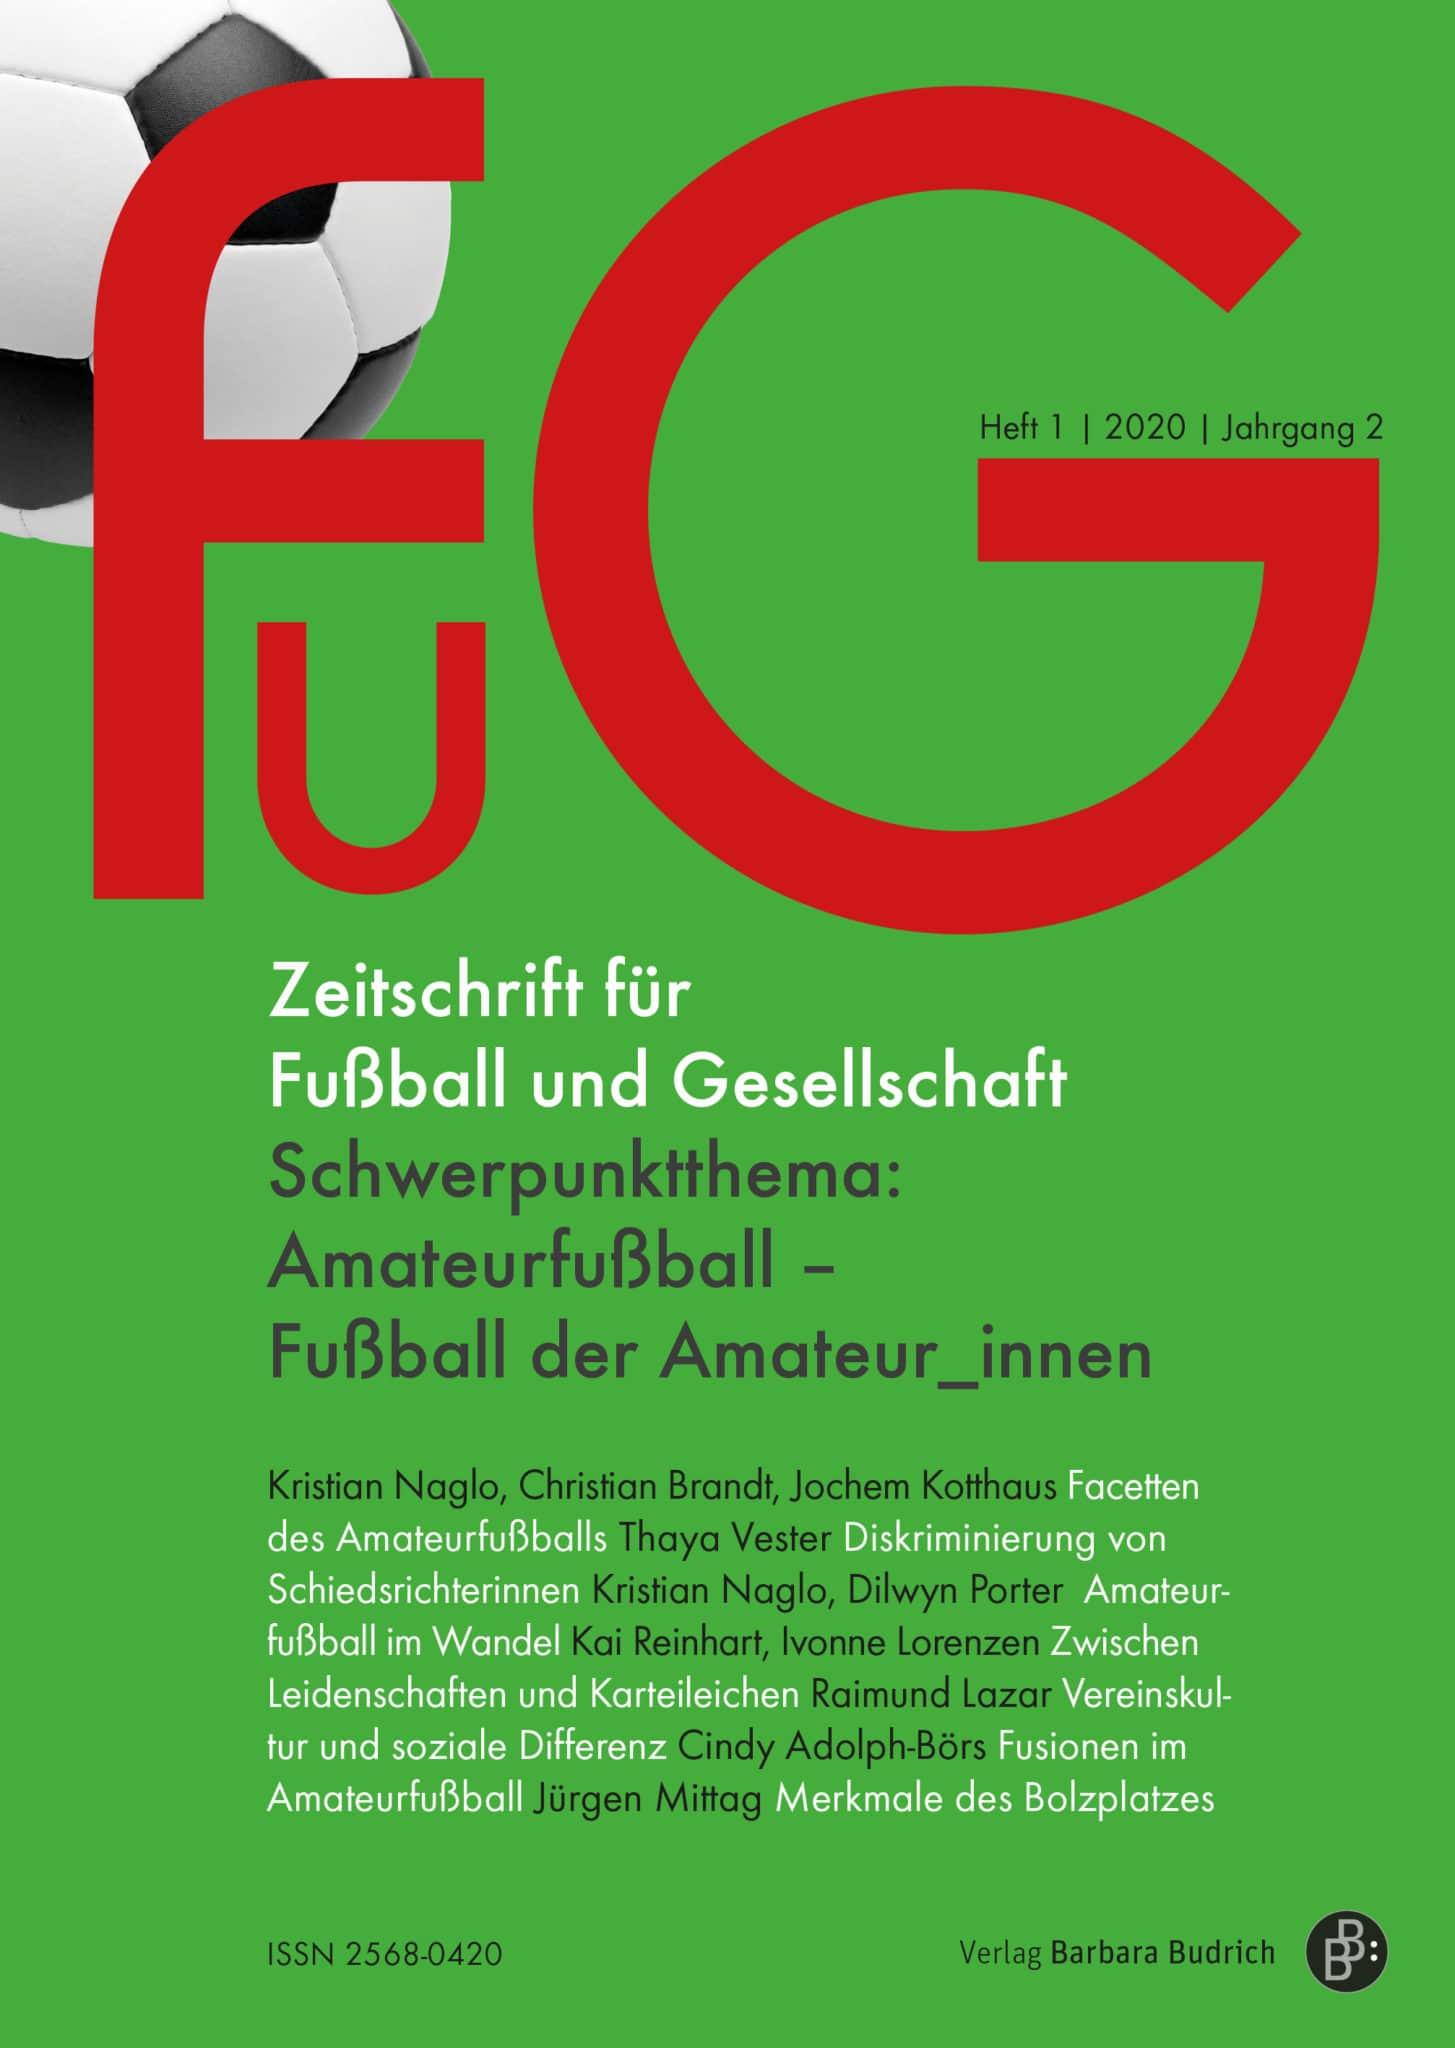 FuG – Zeitschrift für Fußball und Gesellschaft